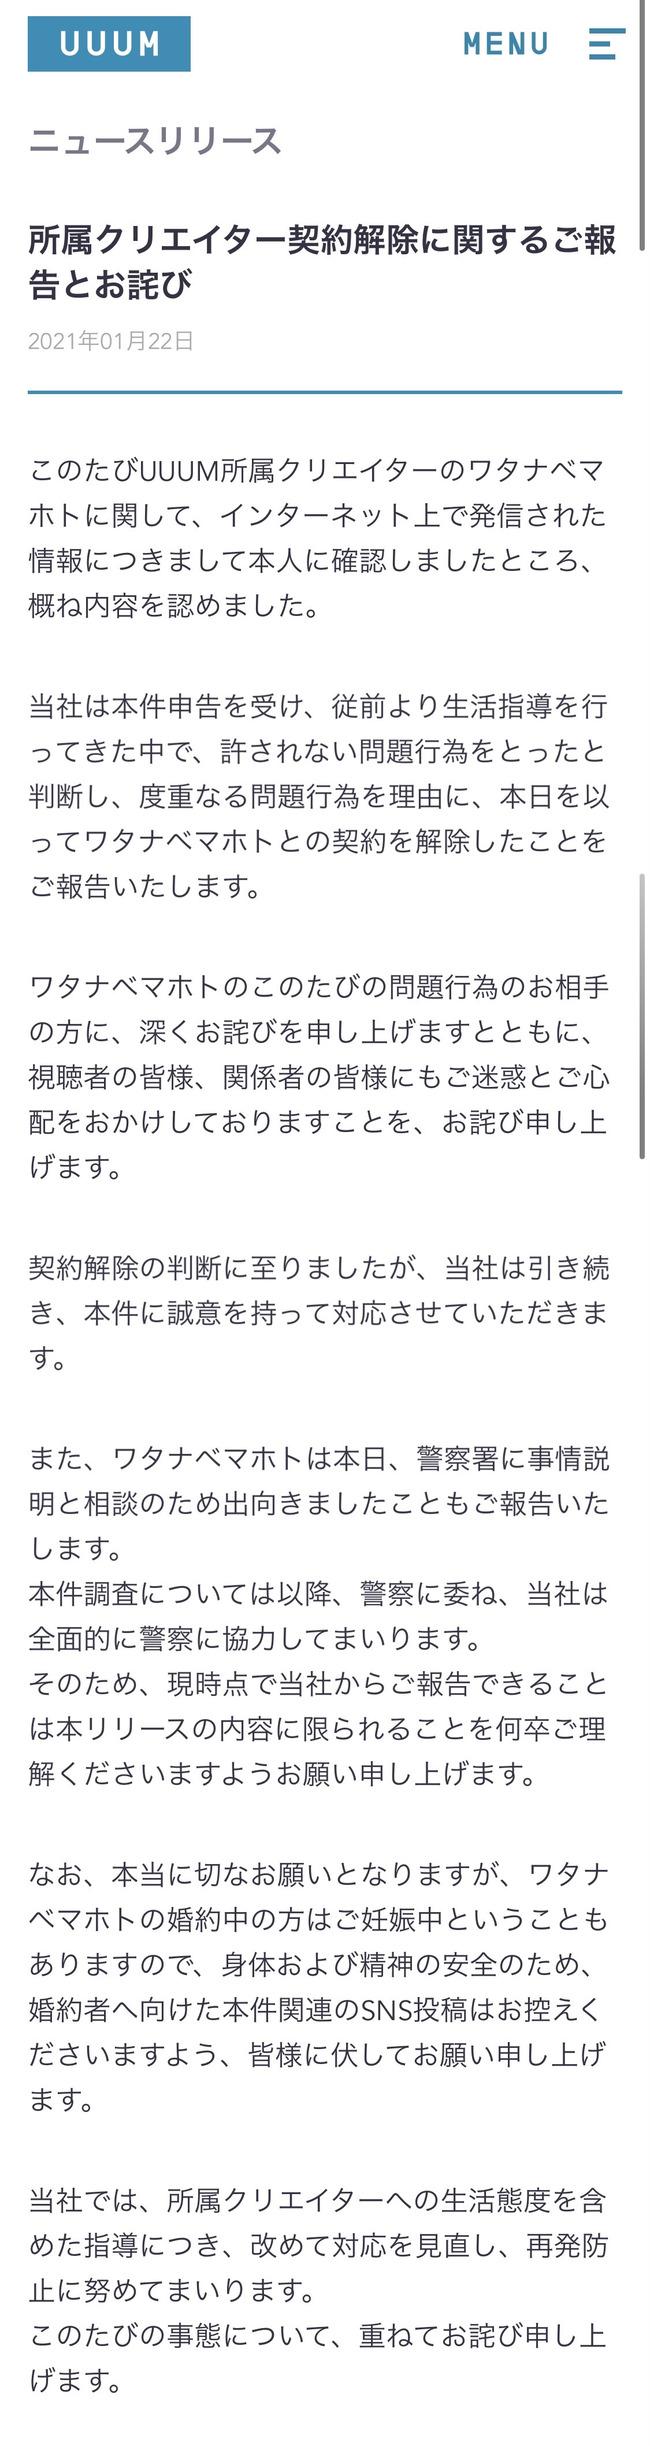 ワタナベマホト 、不祥事でUUUM契約解除 昨日結婚報告